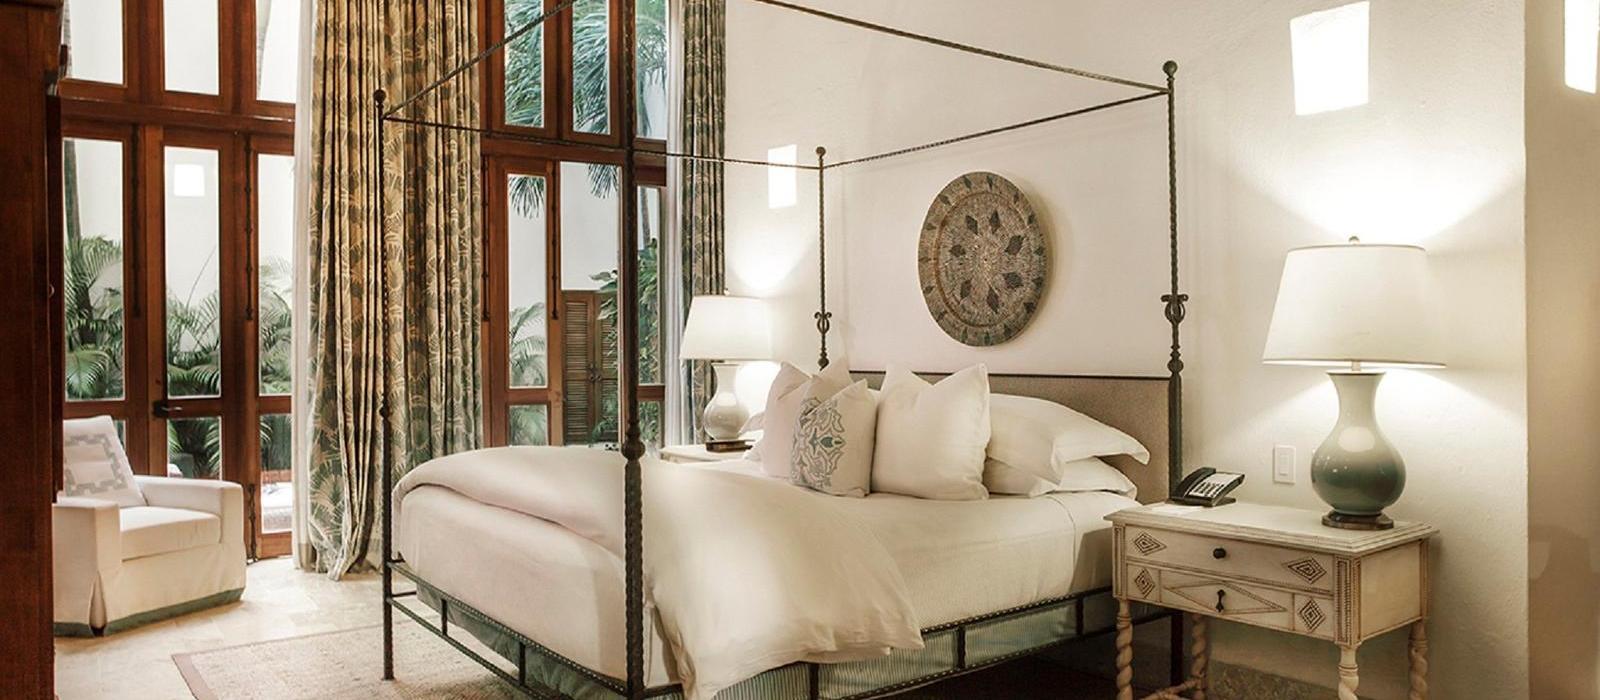 圣奥古斯汀庄园酒店(Hotel Casa San Agustin) 图片  www.lhw.cn